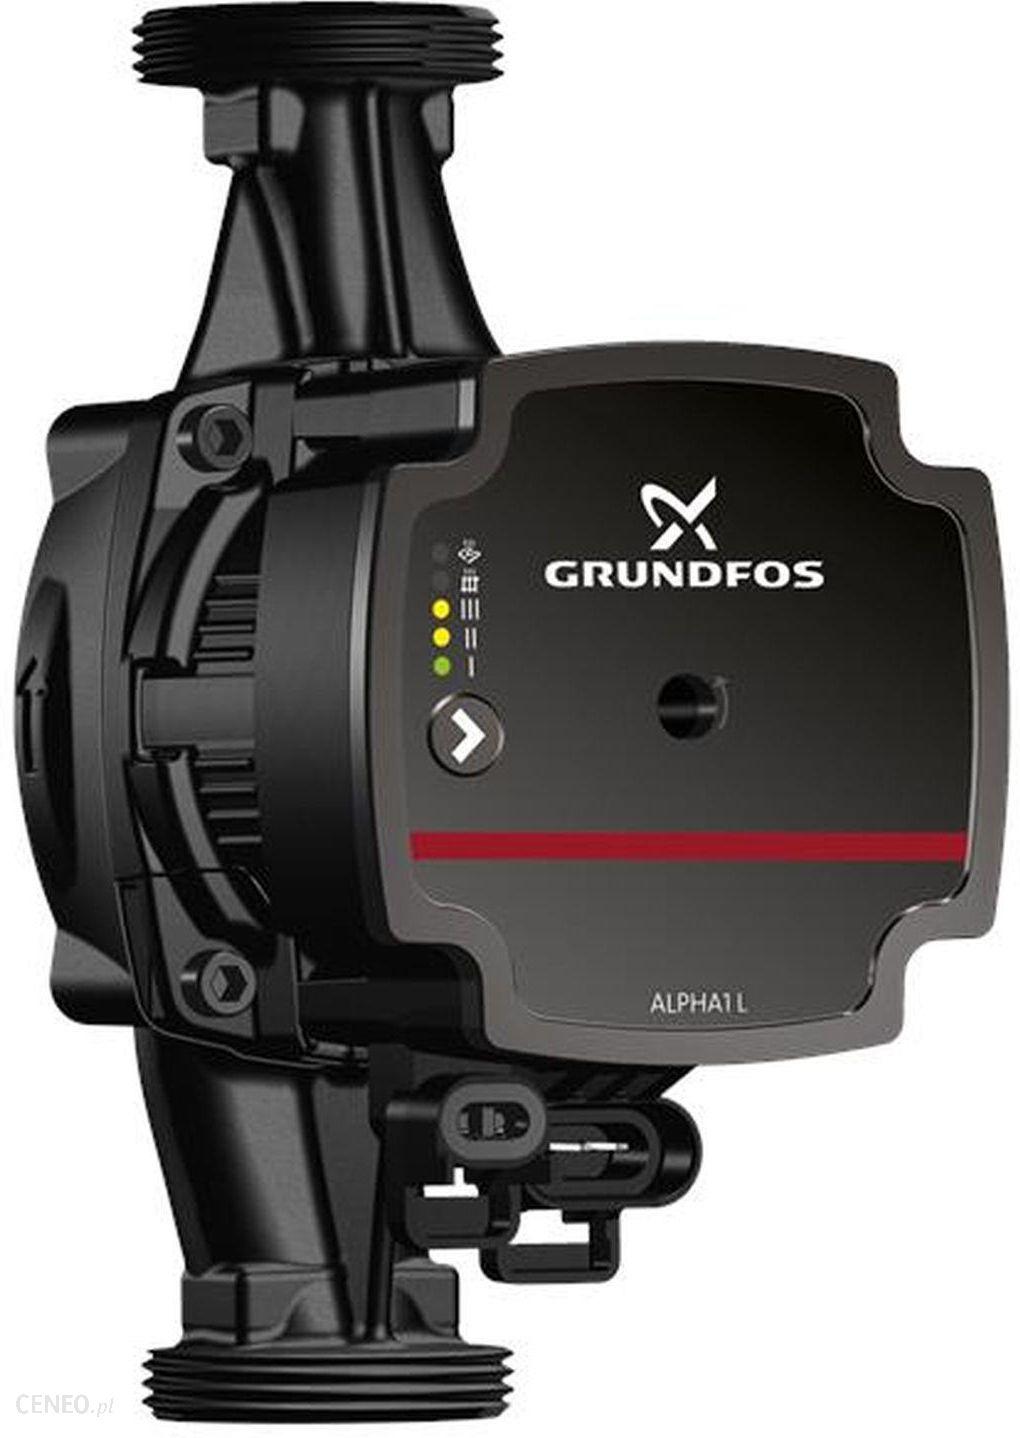 Grundfos Alpha1 L 32-60 180 99160590 - Opinie i ceny na Ceneo.pl